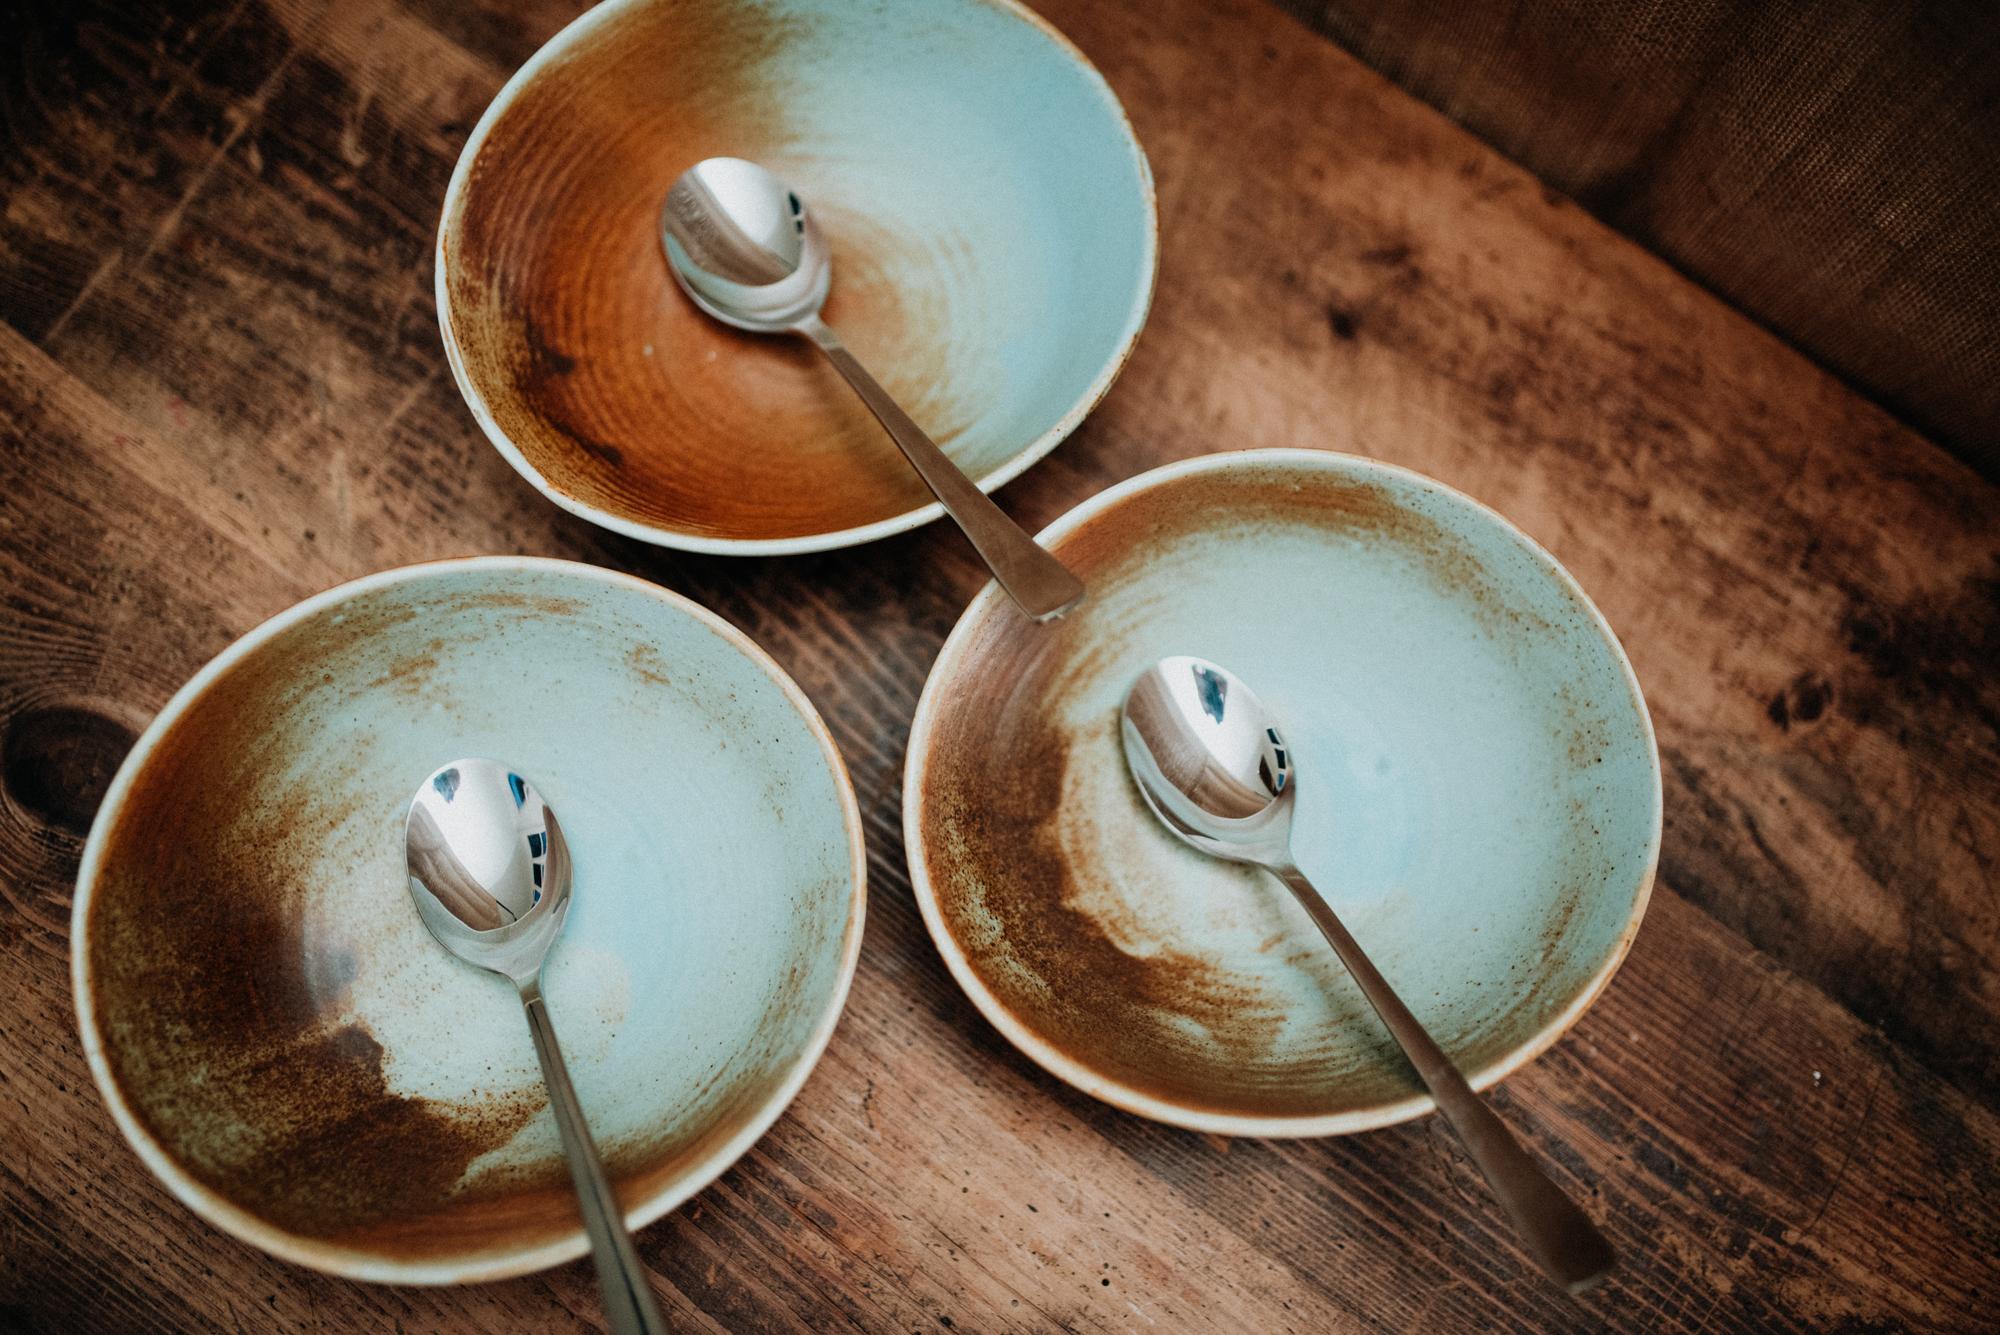 """Geschirr """"Levante"""" für Currys, Suppen und Eintöpfe"""